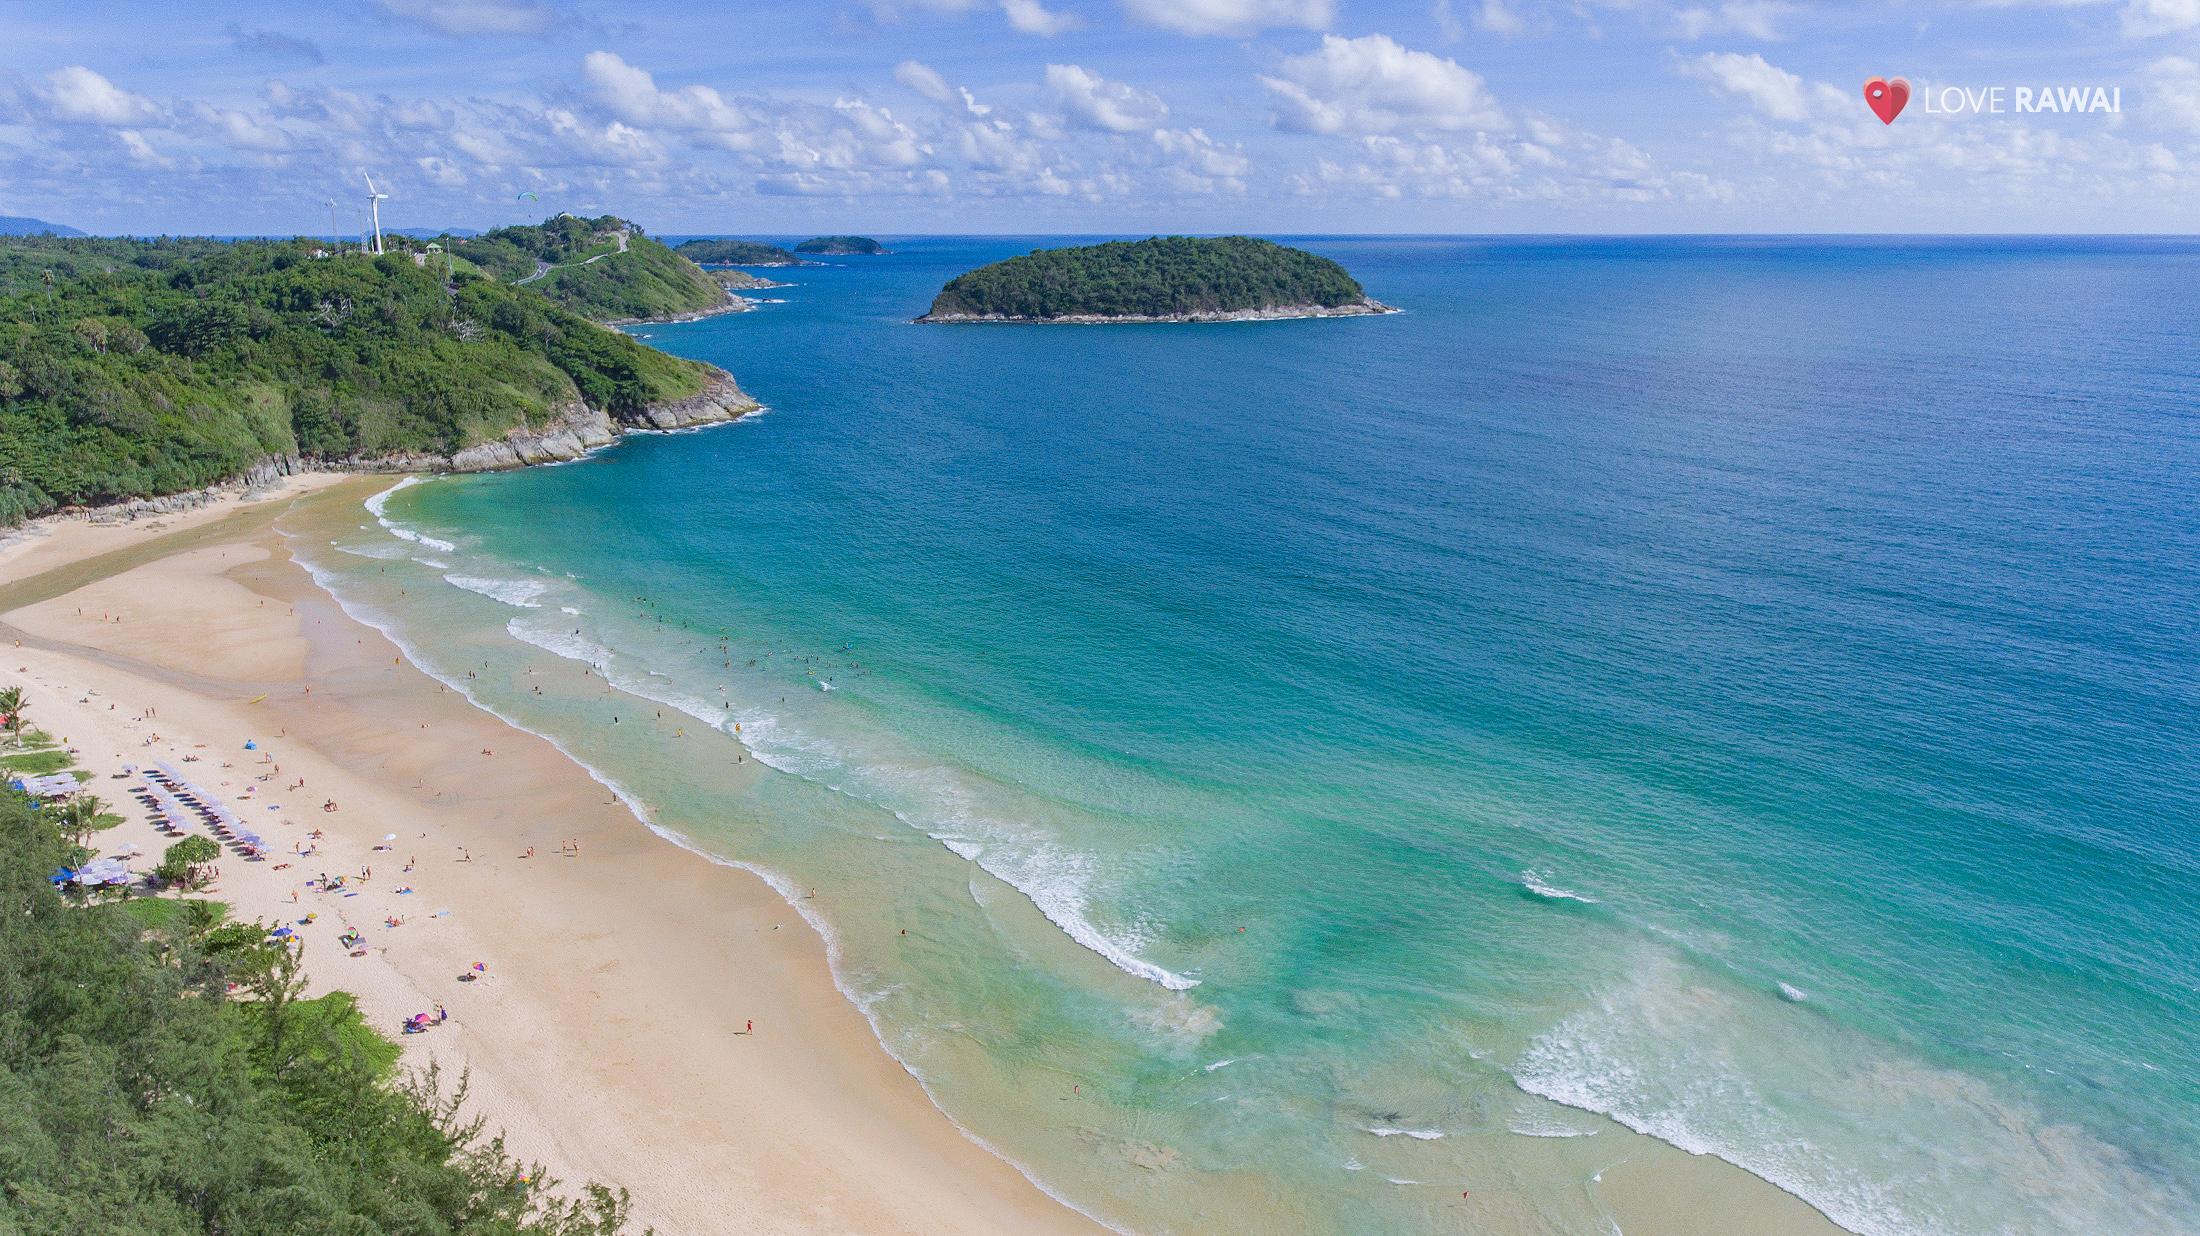 nai harn beach rawai